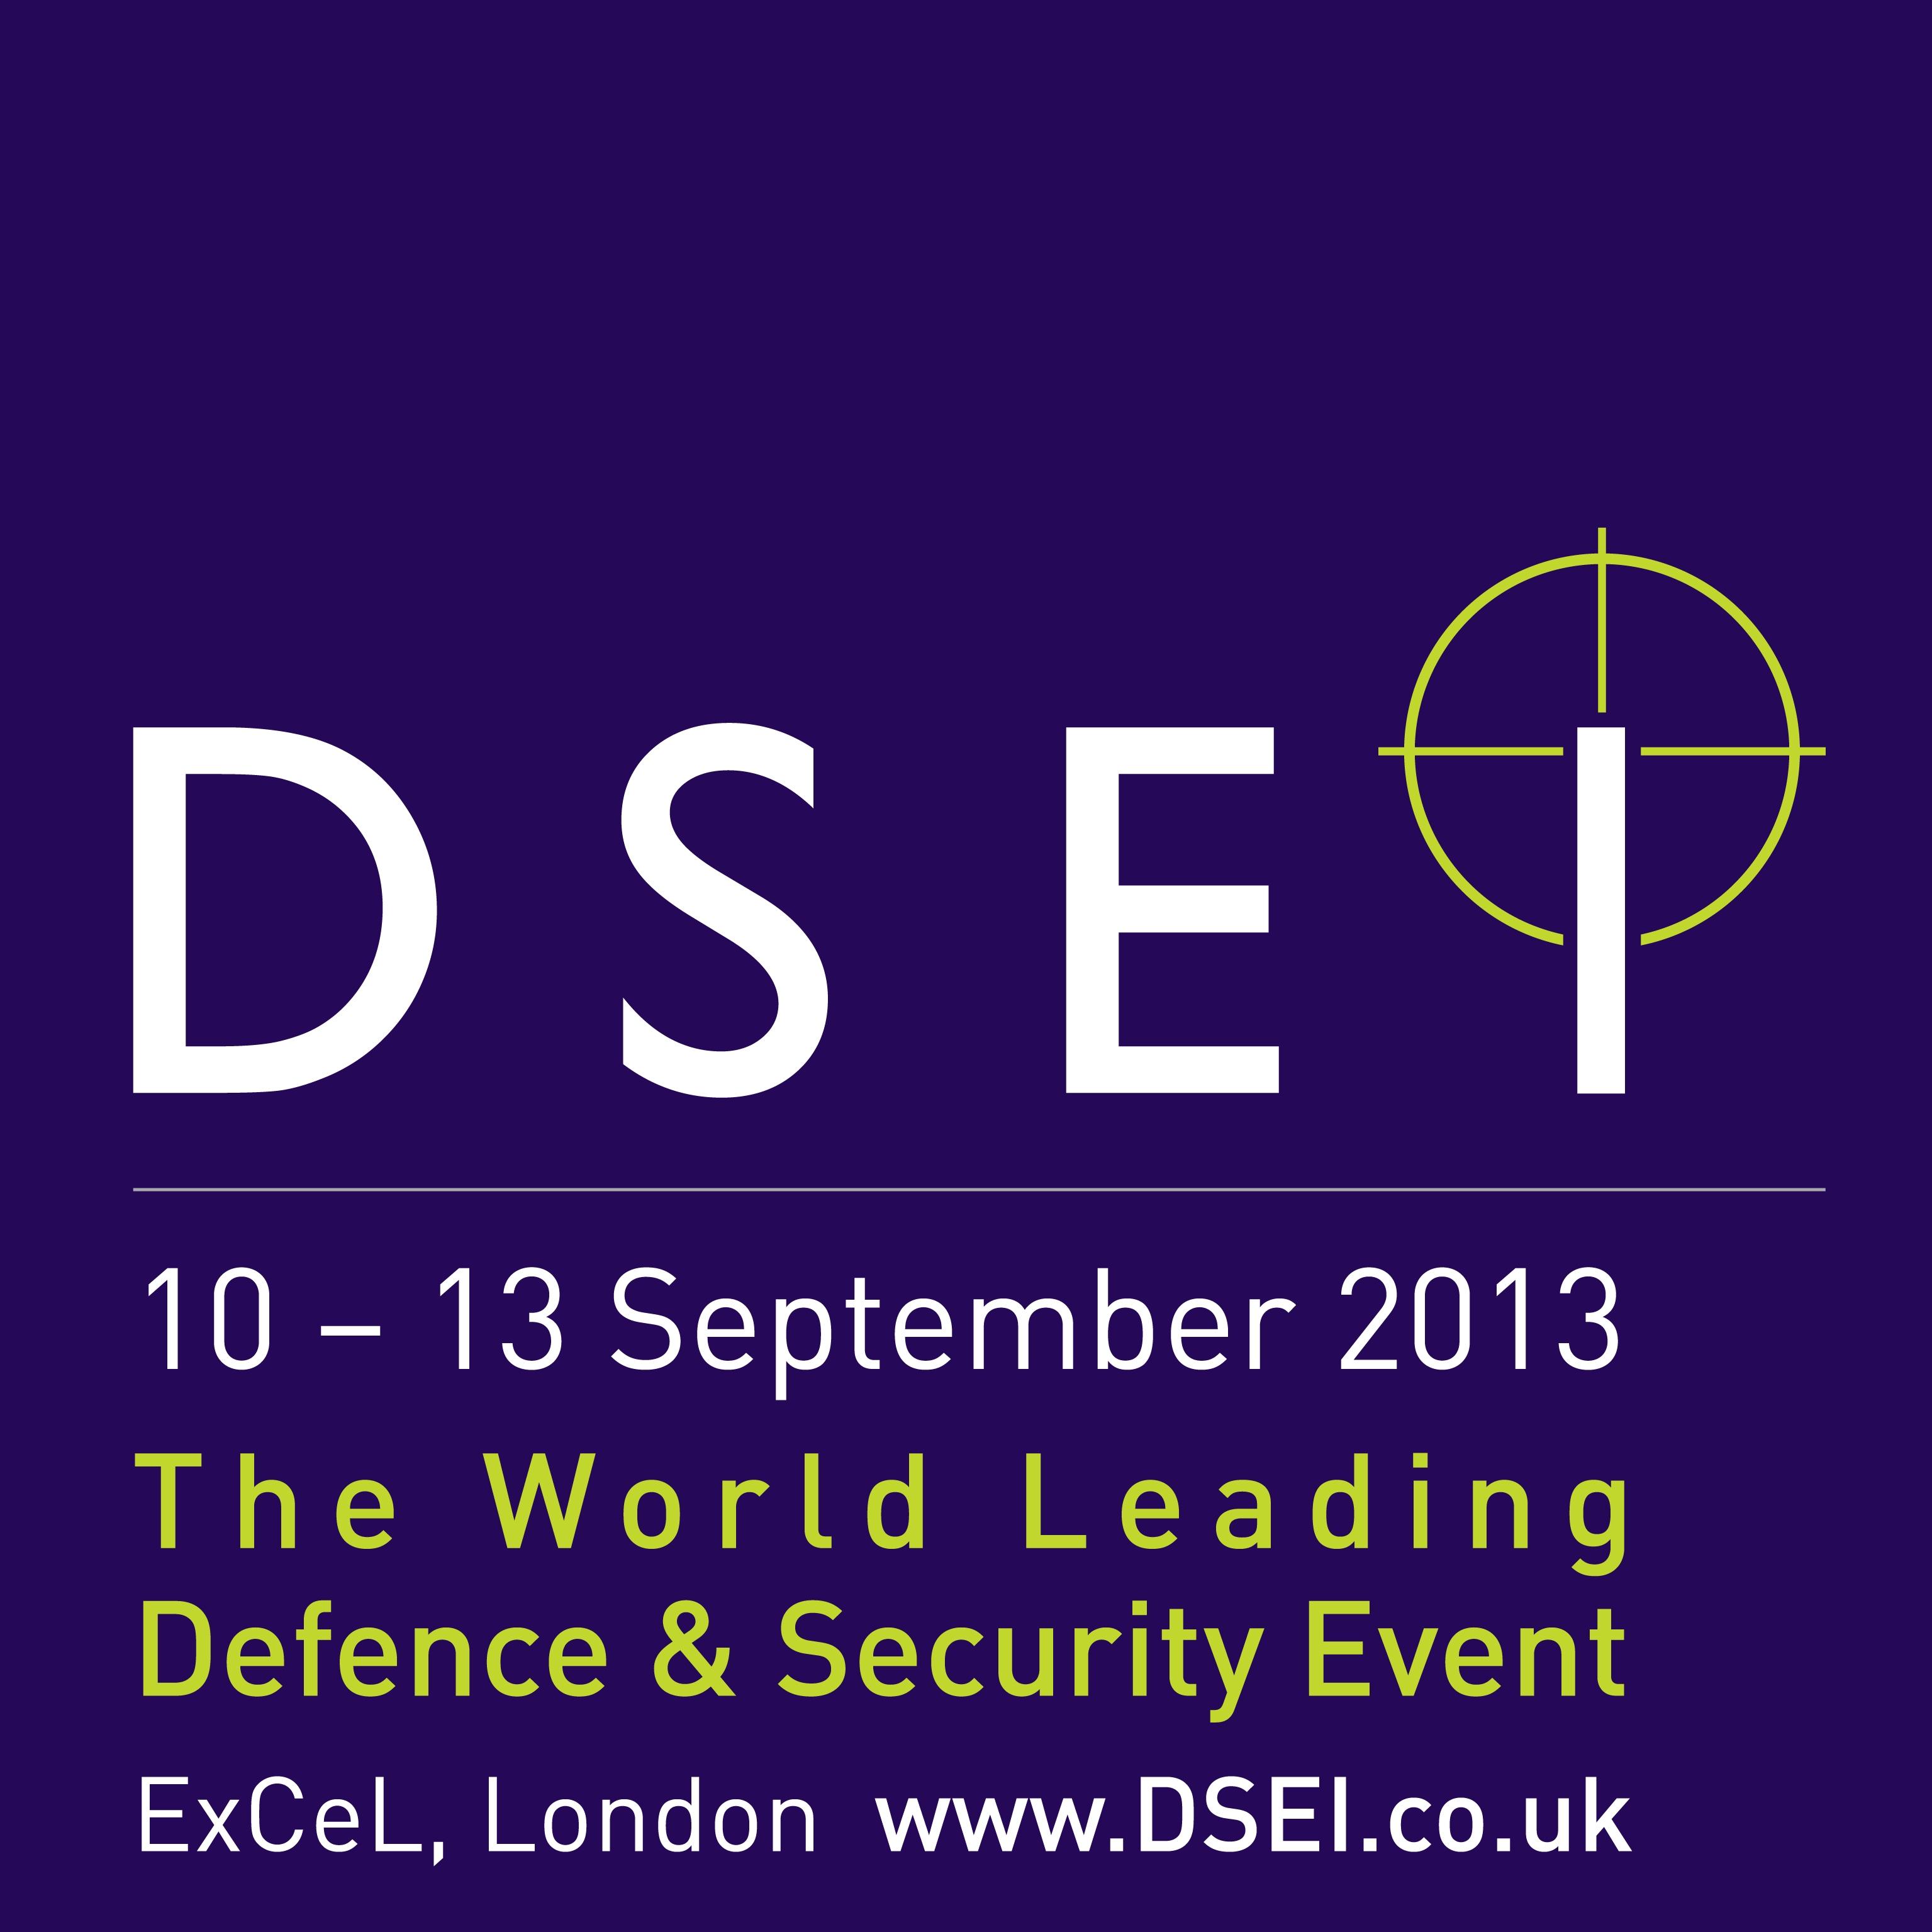 Slipstream Design To Attend DSEI 2013 in London